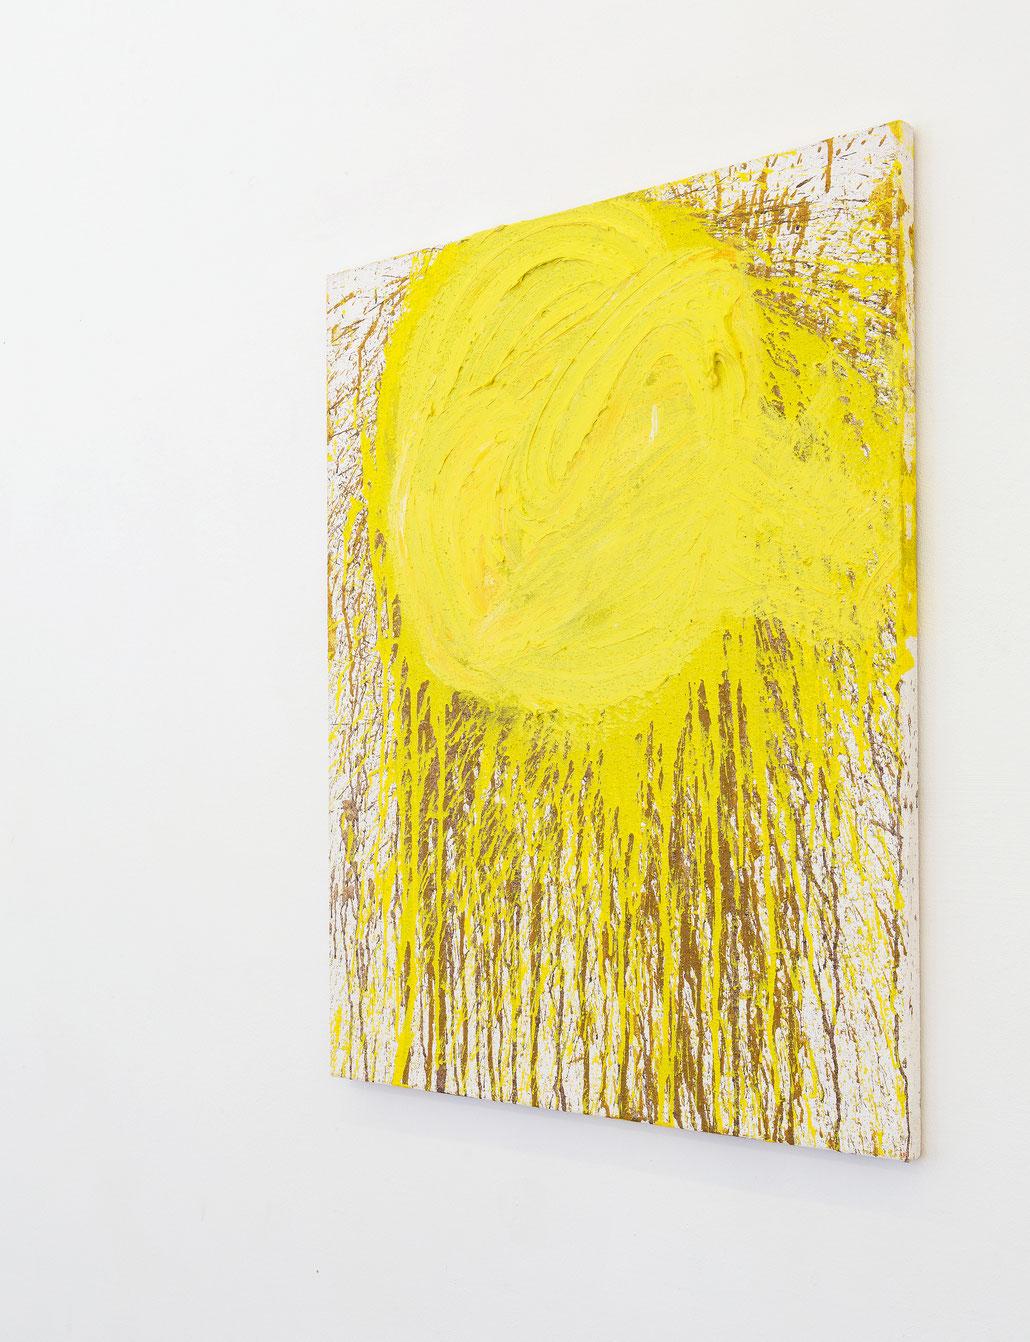 Hermann Nitsch Kunst kaufen Original Schüttbild in der Wiener Kunst Galerie Krinzinger